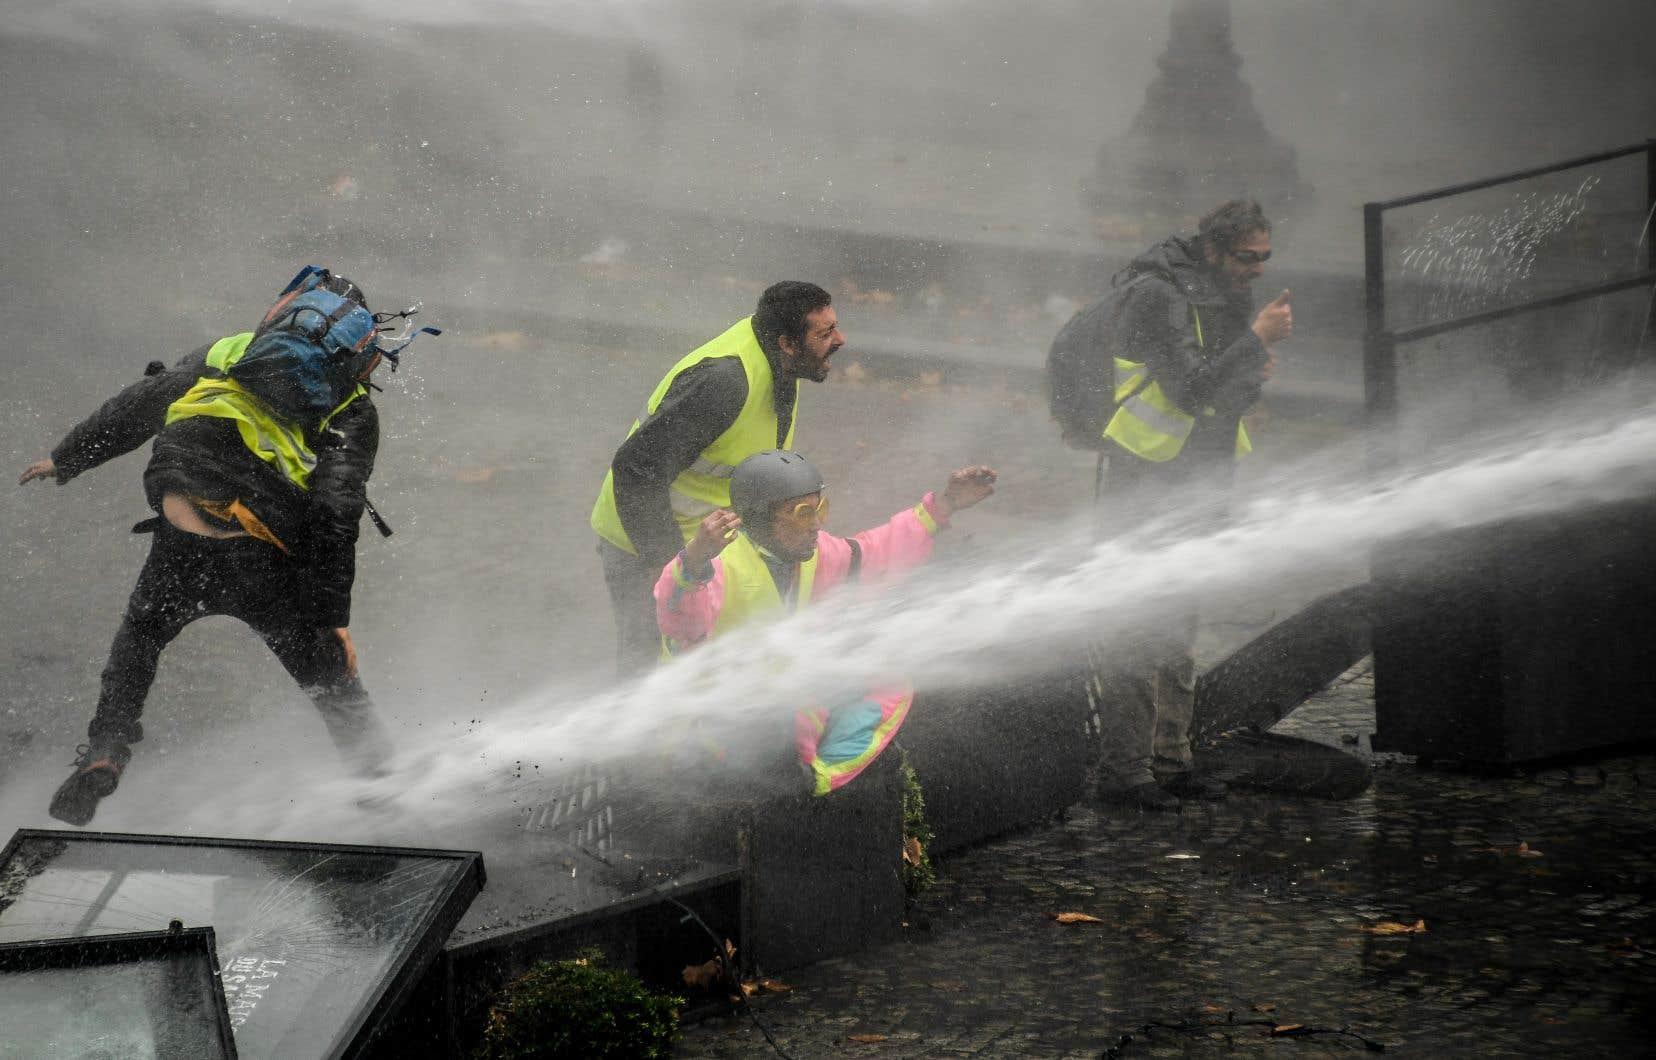 Des «gilets jaunes» sont aspergés par un canon à eaulors d'une manifestation contre la hausse du prix du pétrole et du coût de la vie,près de la place de la Concorde, à Paris.